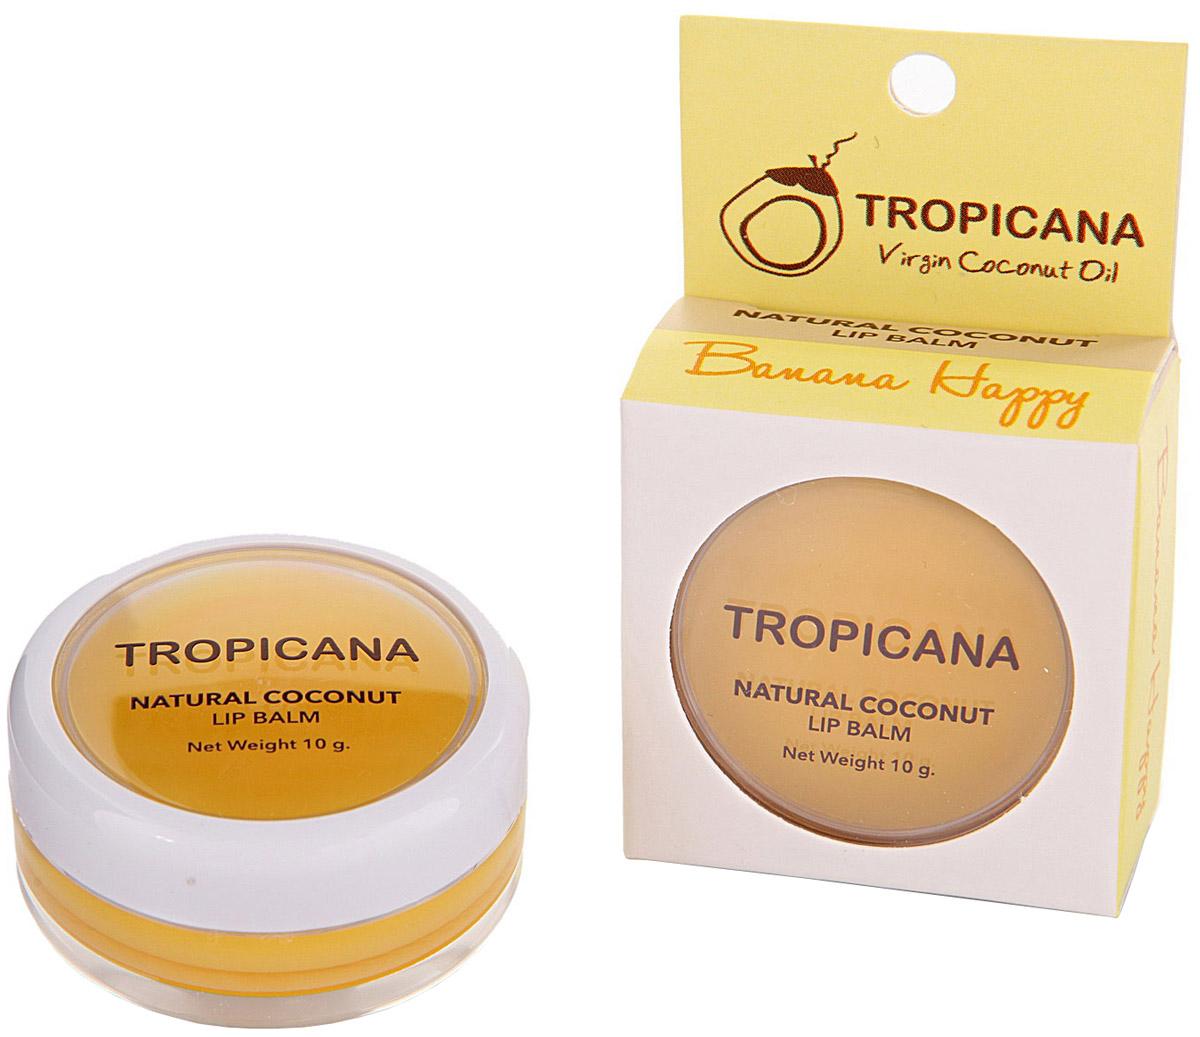 Бальзам для губ Банановое счастье Tropicana, 10 грFS-36054Обогащенный органическим кокосовым маслом холодного отжима, экстрактом банана и маслом ши. Препятствует образованию микро-трещинок на обветренных губах. Сочетание витаминов С и Е это мощный антиоксидант, делает губы гладкими и мягкими. Зрительно увеличивает губ. Спасает от ожогов на солнце, а также ухаживает и увлажняет в зимний период. С приятным ароматом банана. Не содержит в себе отдушек и химических добавок.